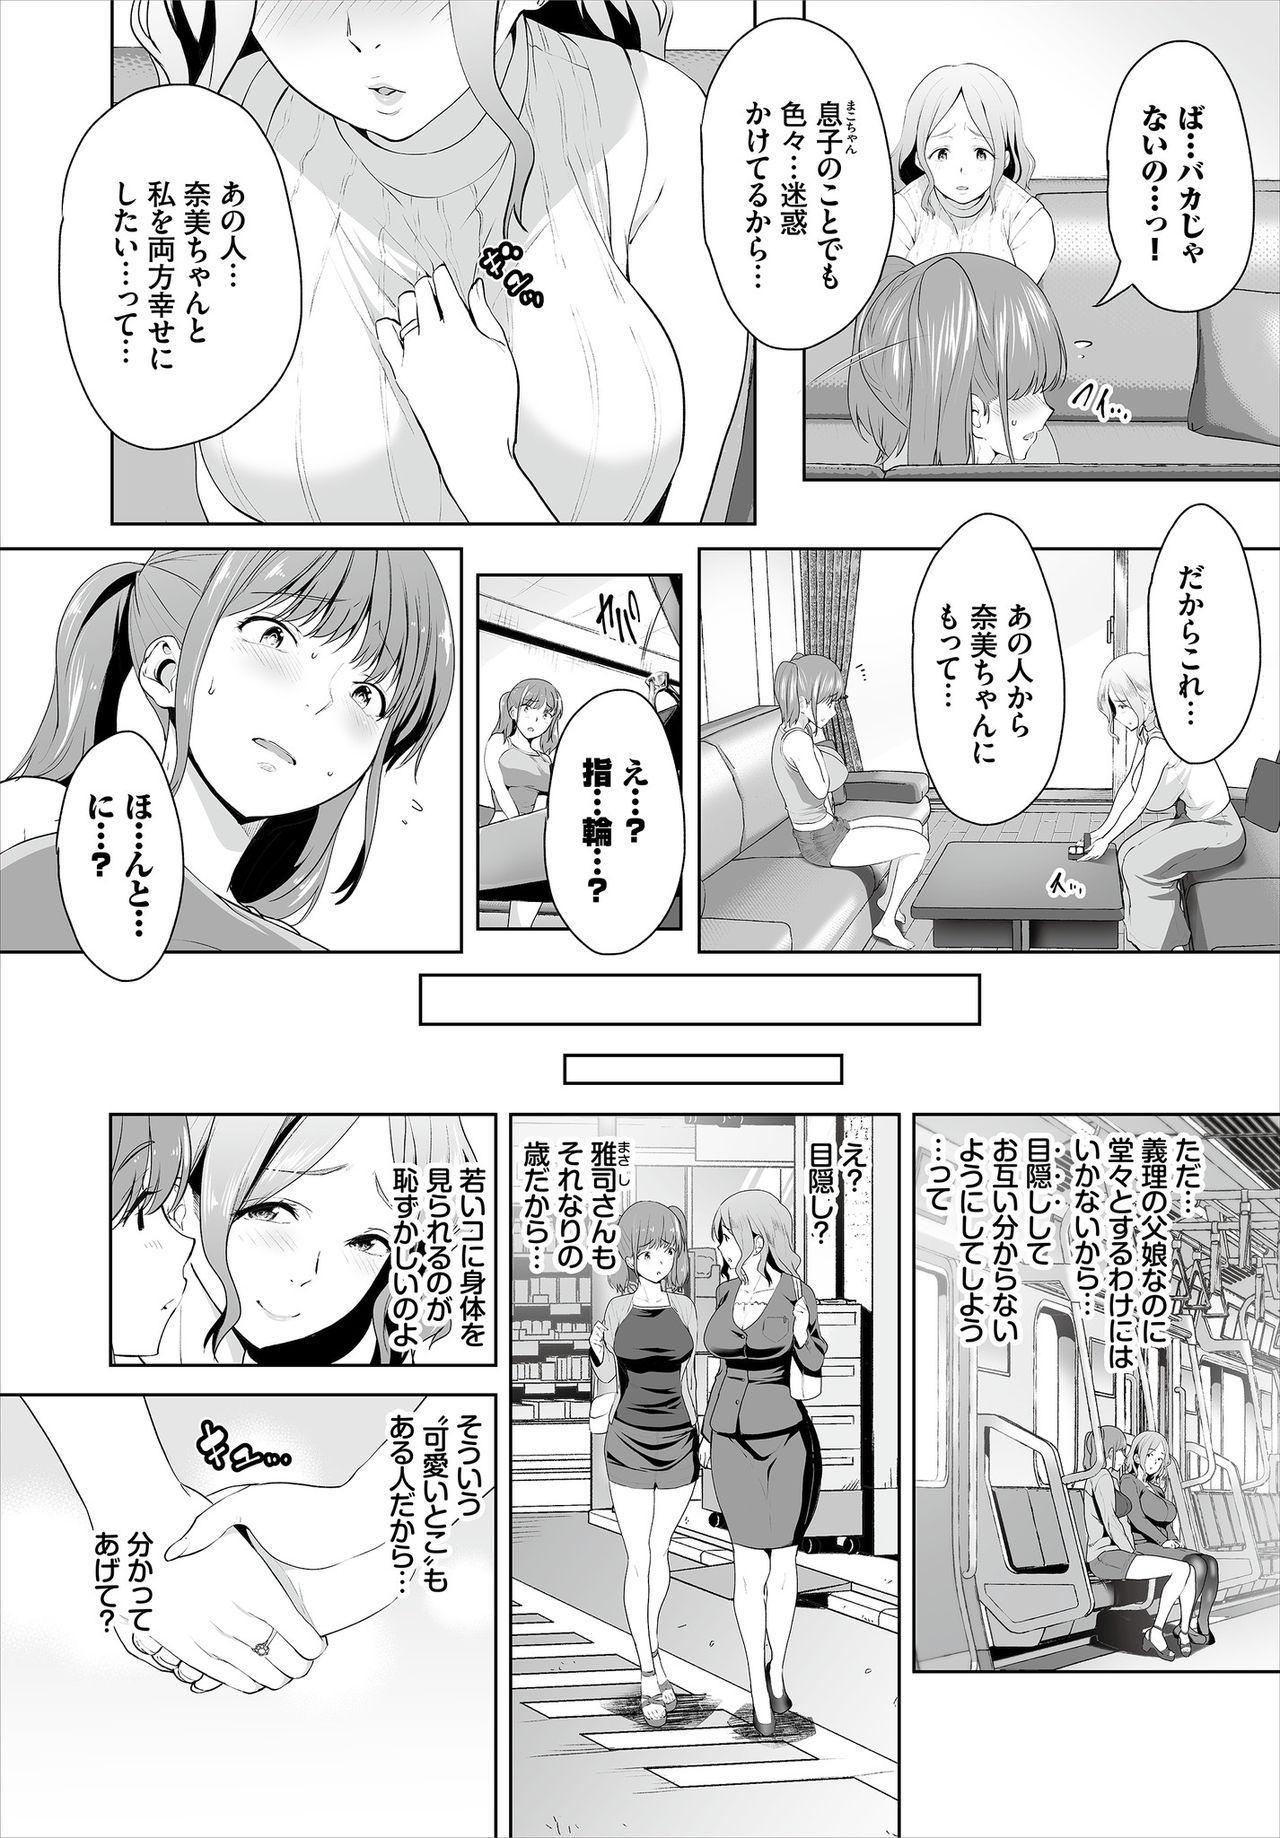 Zessan Haishinchuu Gibo Nikubenki Keikaku! Ch. 6-9 8